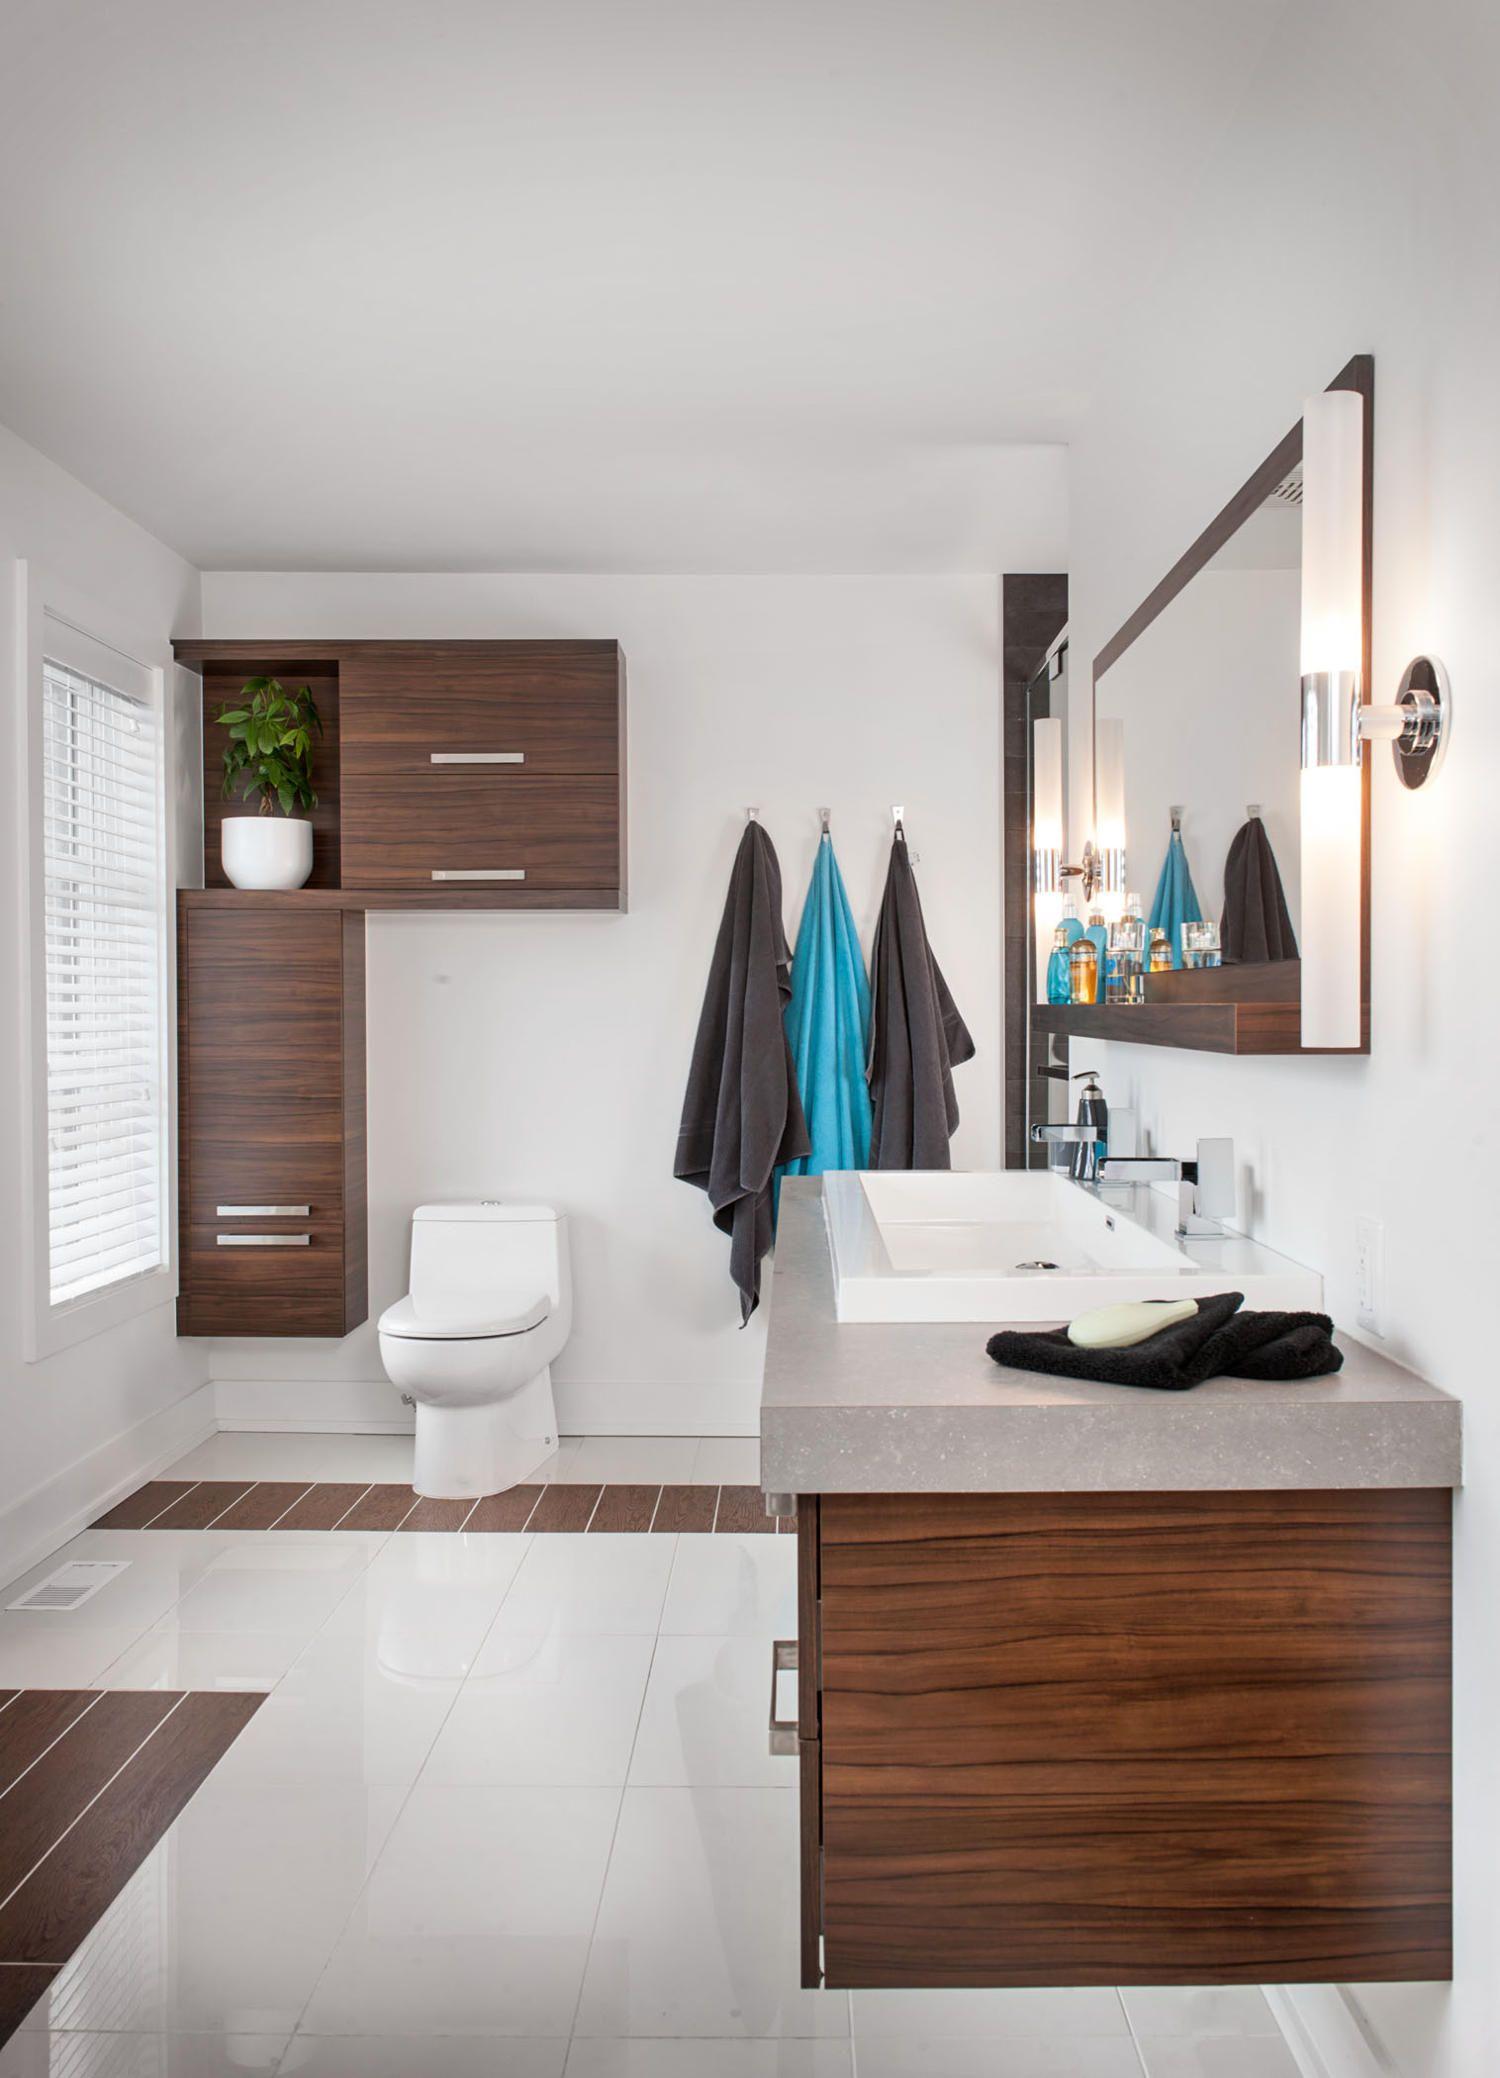 Jolie salle de bain de style contemporain. Armoires : Mélamine. Comptoir : Stratifié